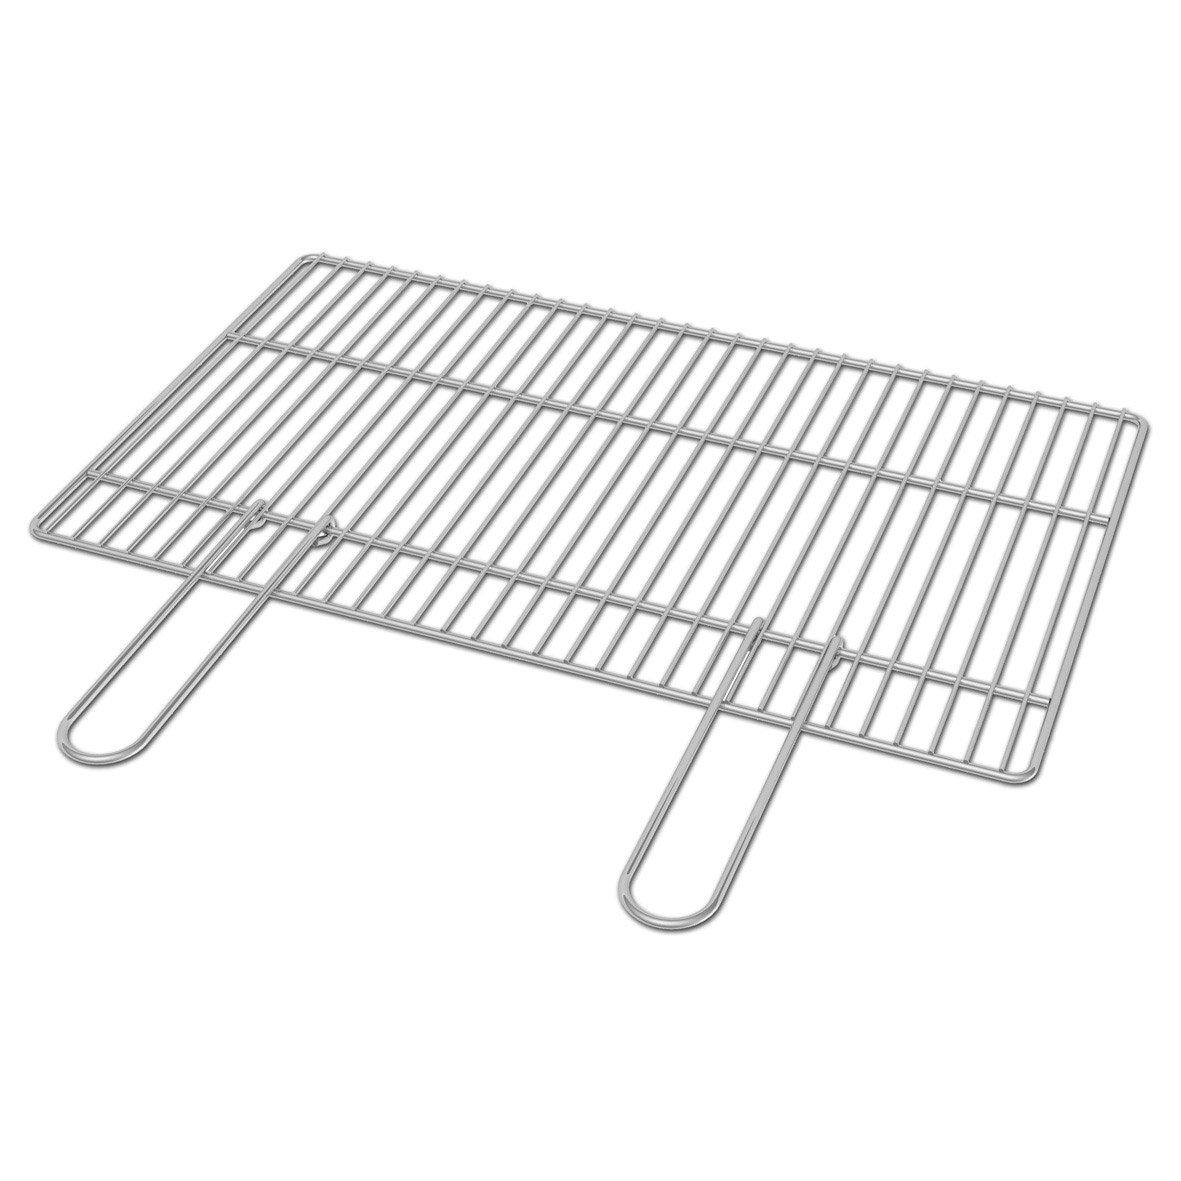 Grille ginevra luxor enna kos acier leroy merlin - Grille pour barbecue sur mesure en acier inox ...